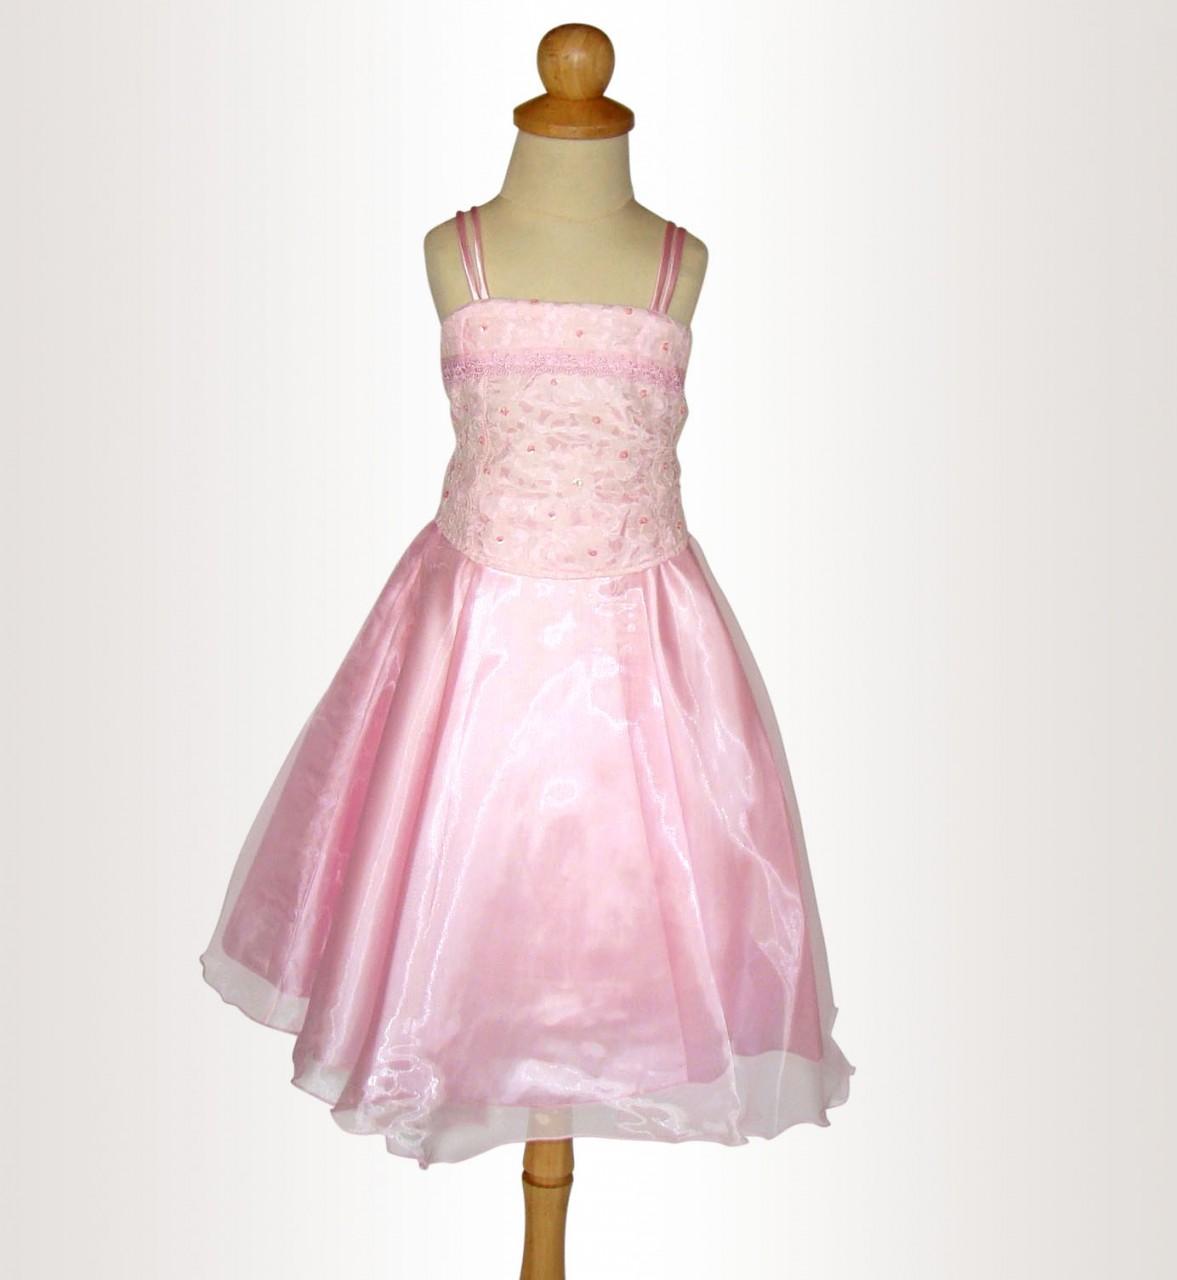 Barnklänning ROSA LM78 c44f59eb49239